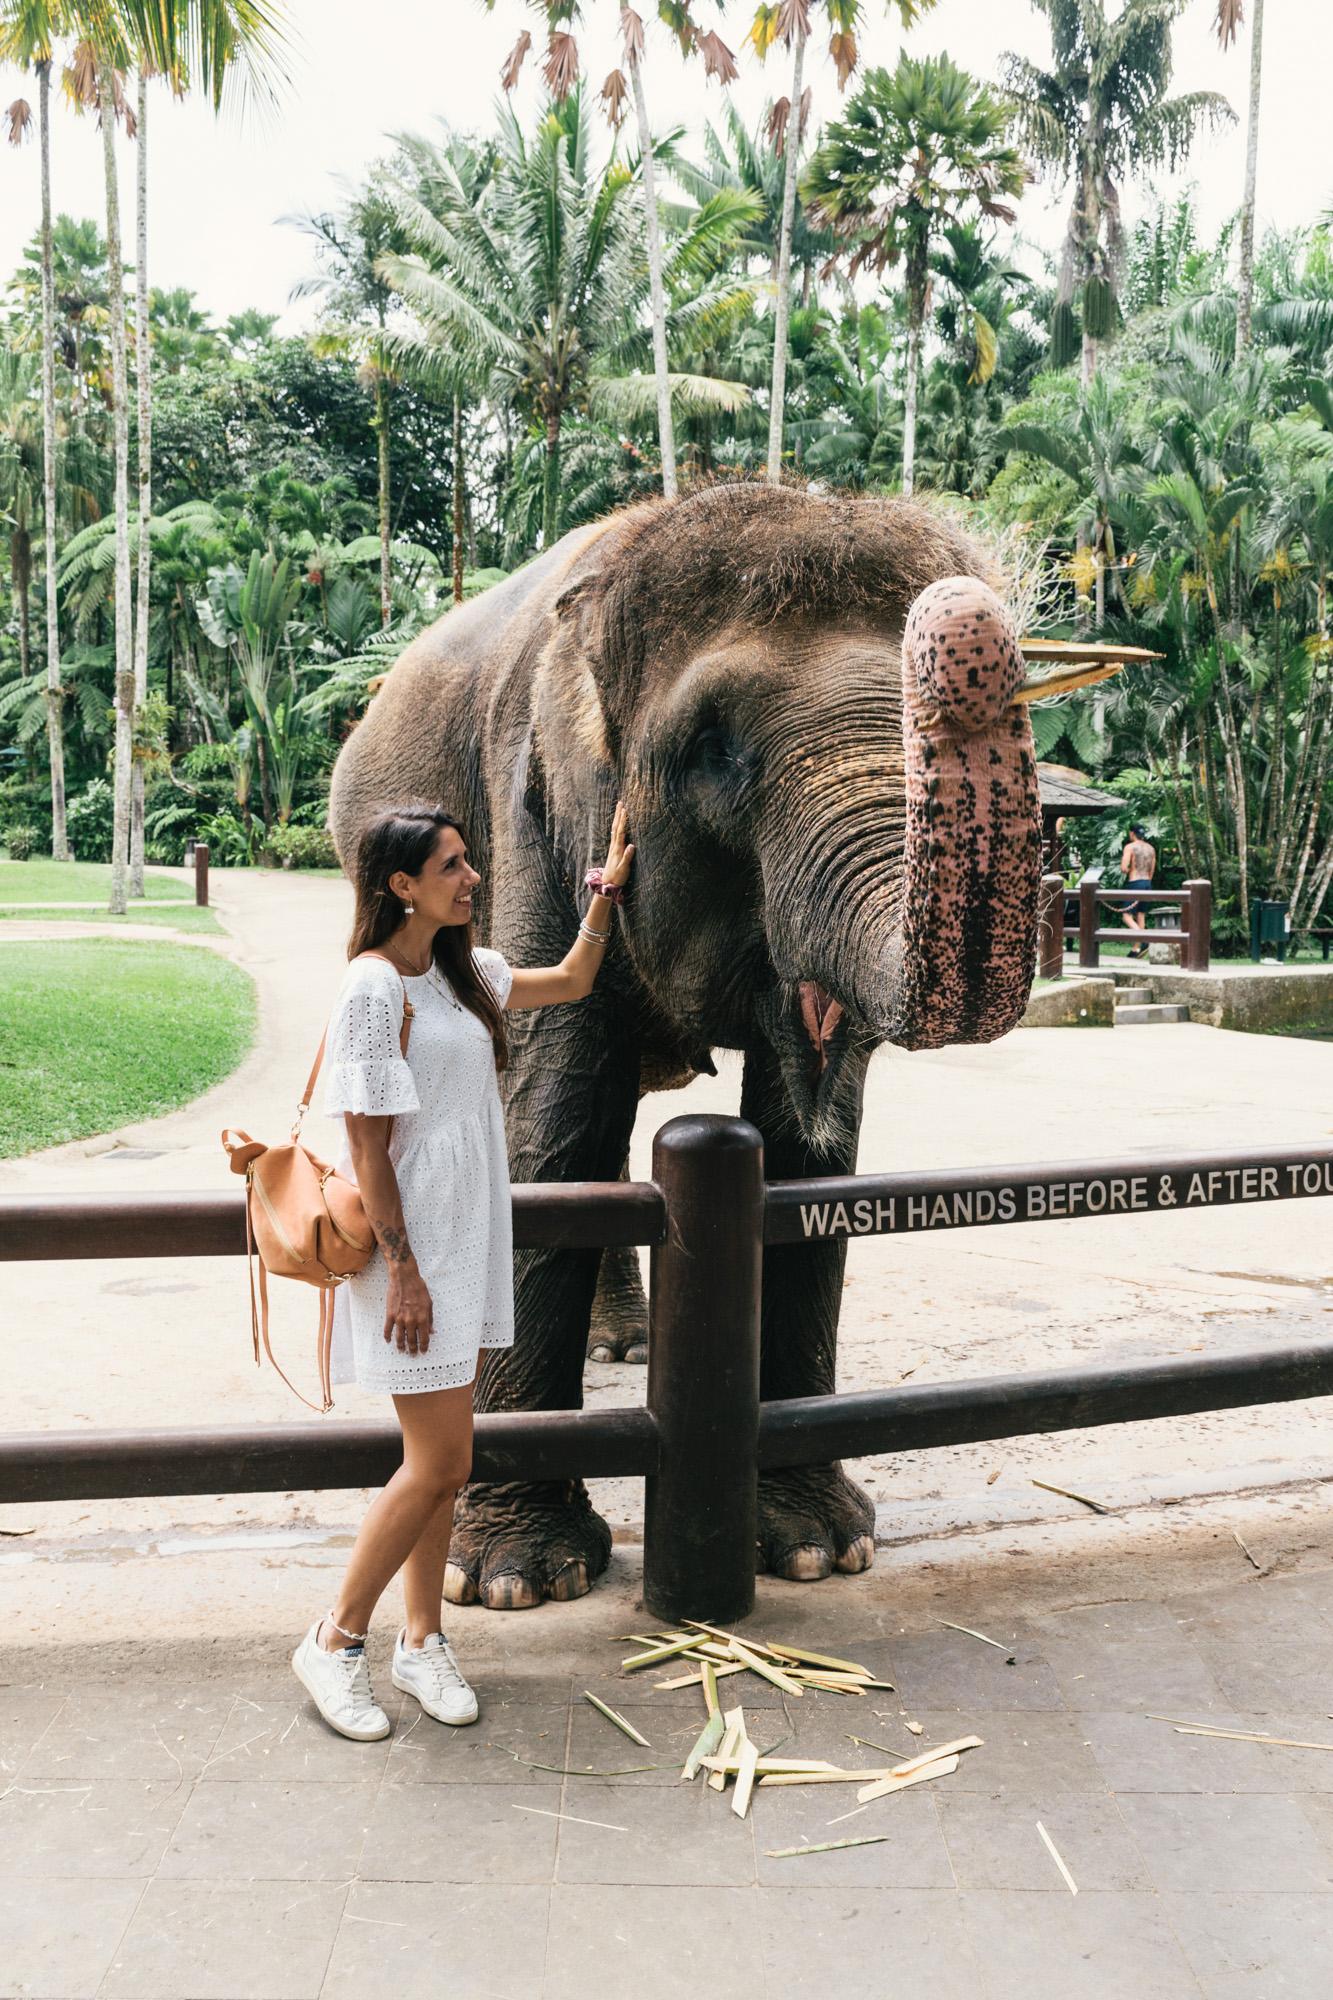 Mason Elephants Park